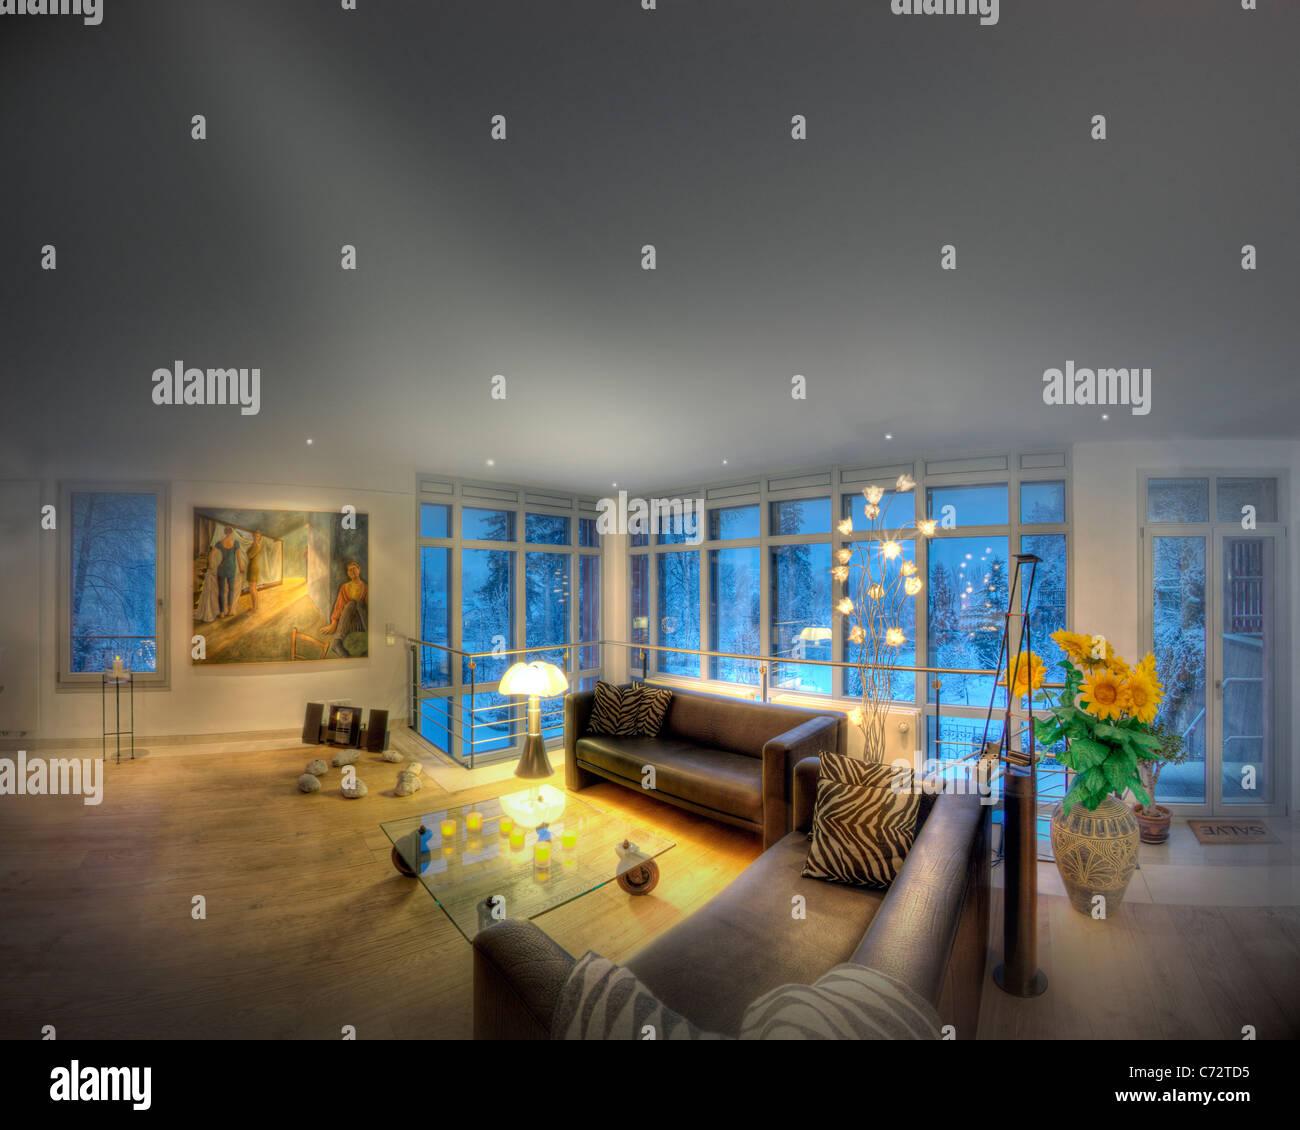 Architettura: vivere contemporaneo impostazione di camera (Germania/Bad Toelz) Immagini Stock